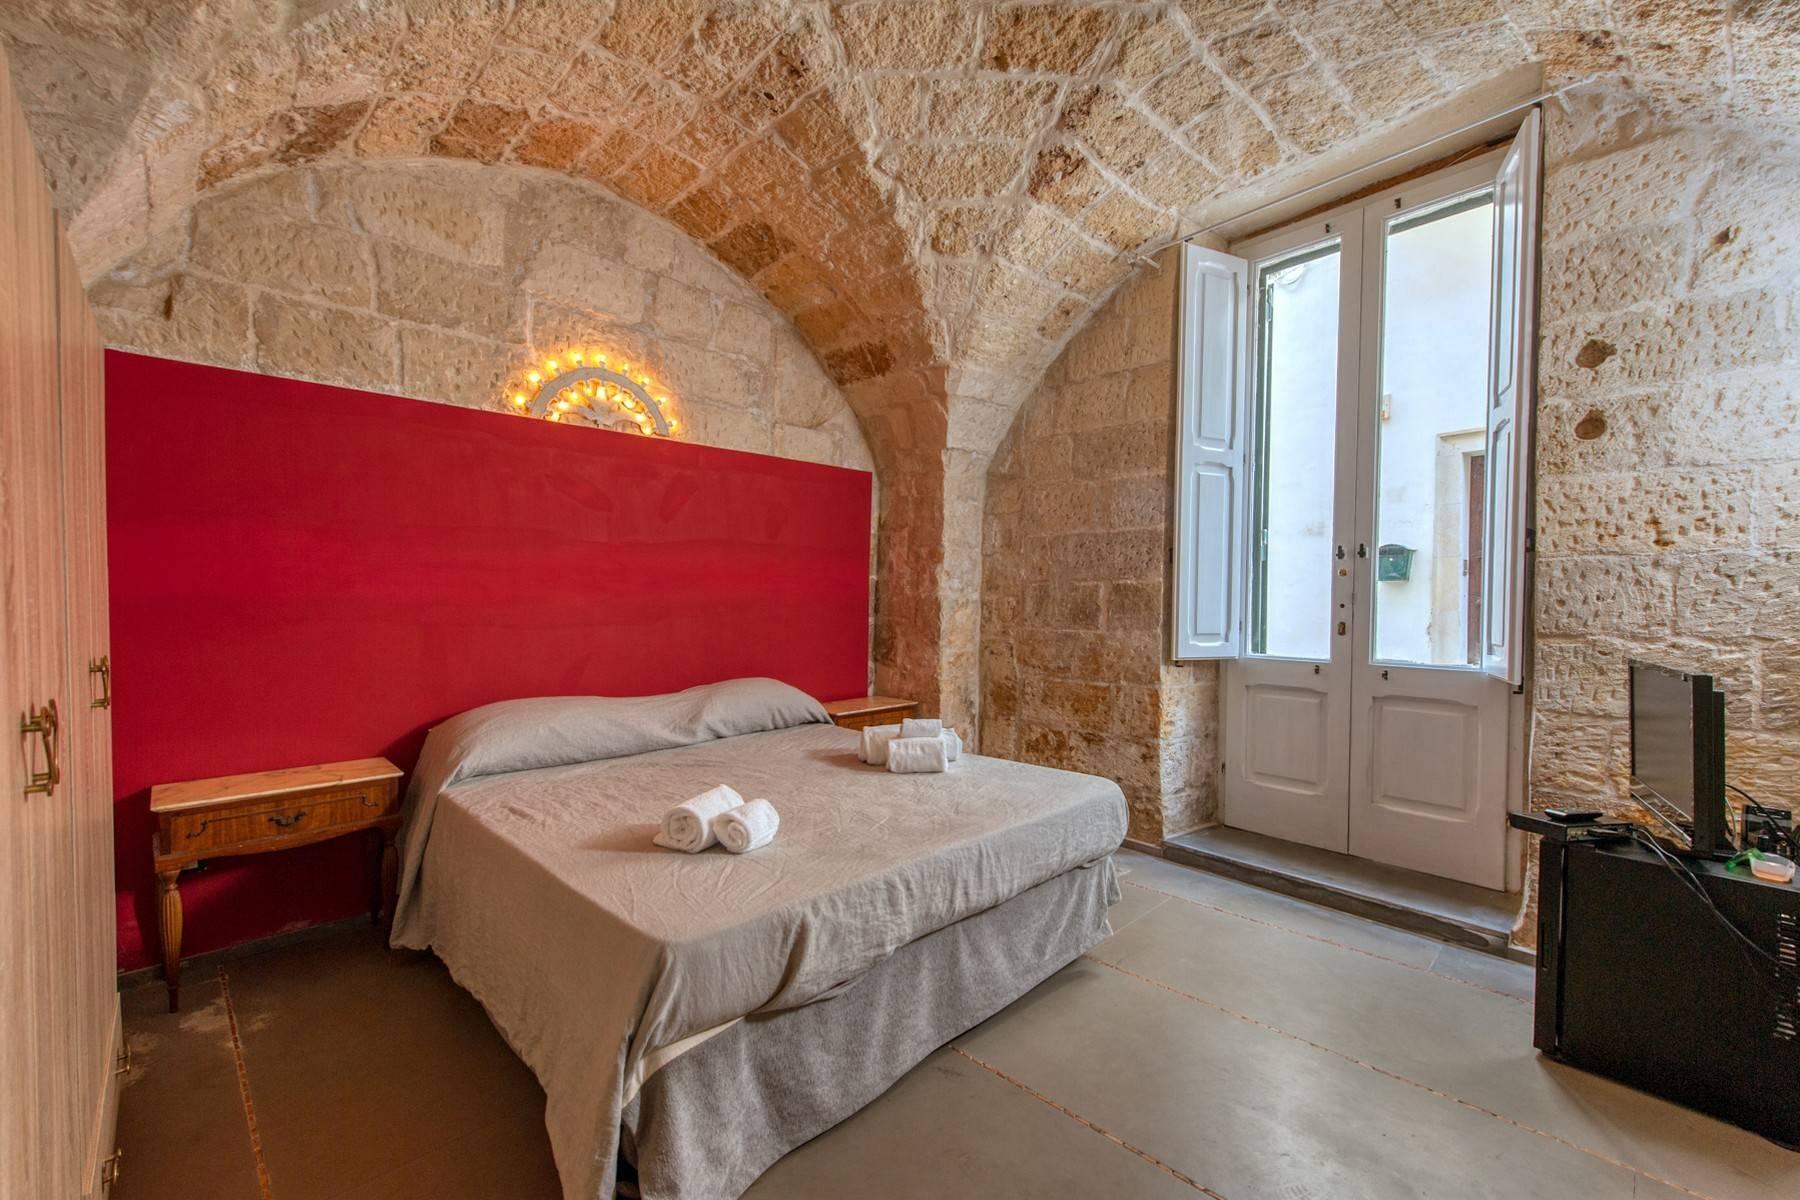 Abitazione indipendente di charme nel cuore del Barocco Leccese - 8